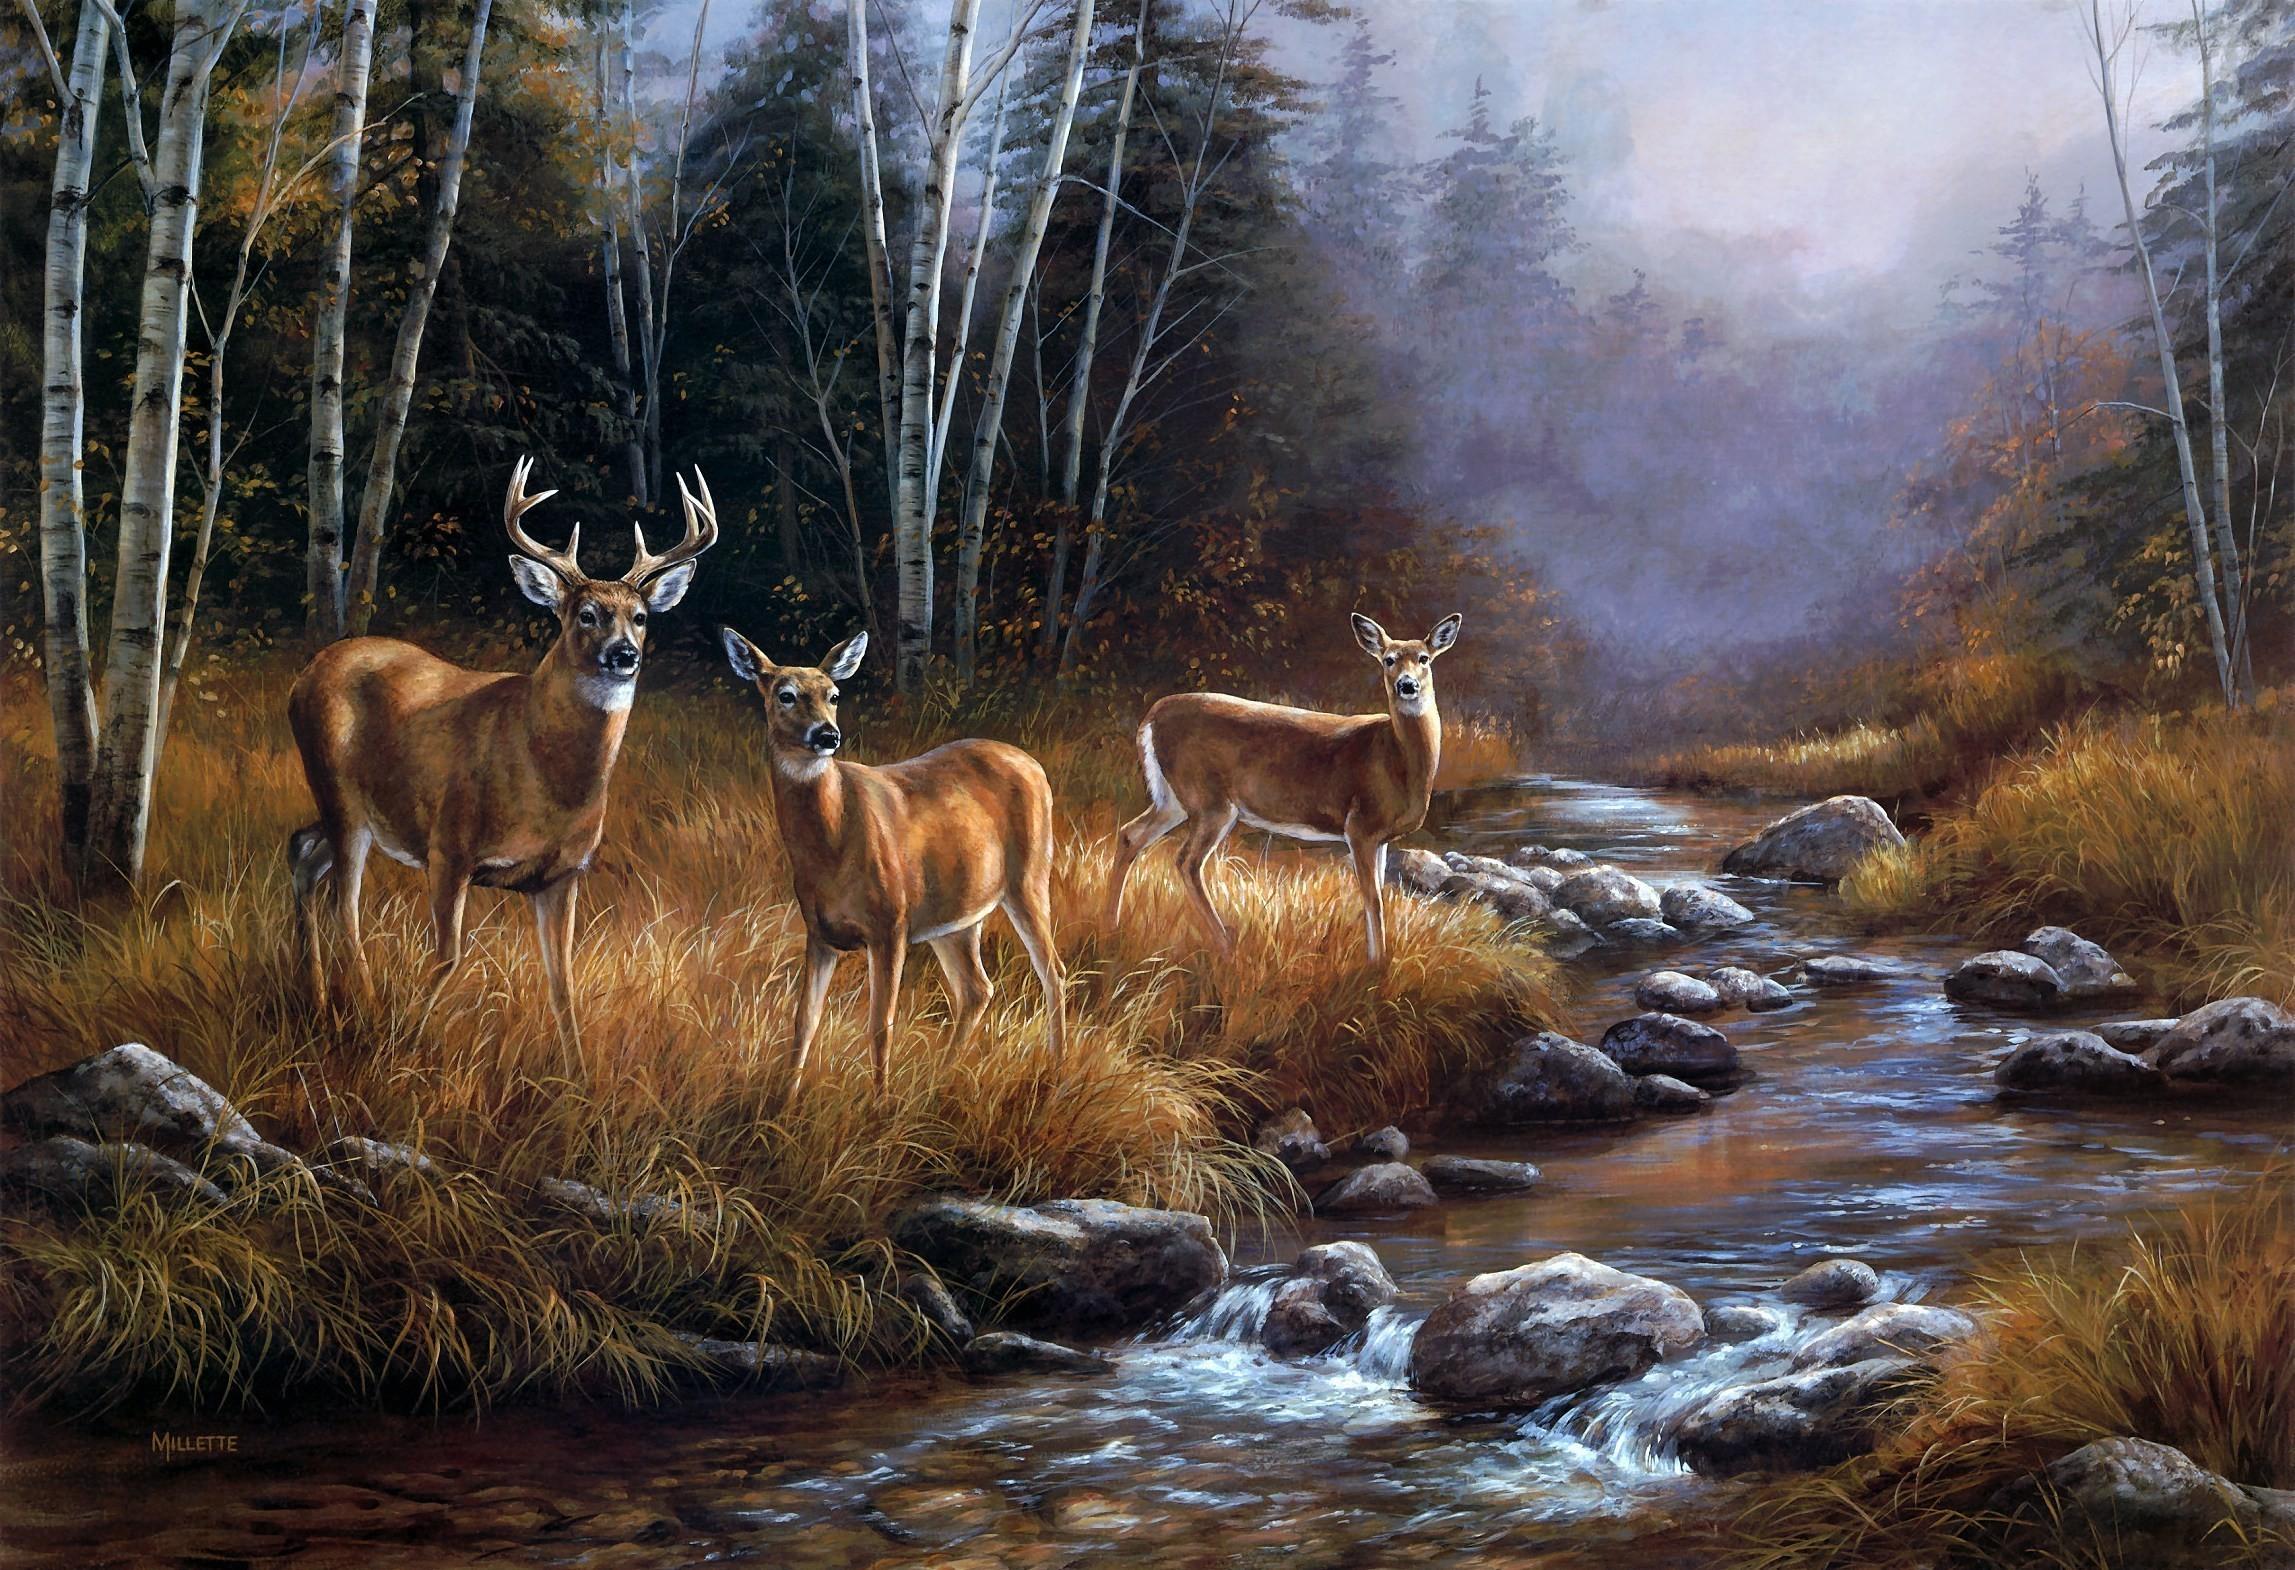 Widescreen Wallpaper Deer Src Cool Whitetail Deer 2295x1570 Download Hd Wallpaper Wallpapertip